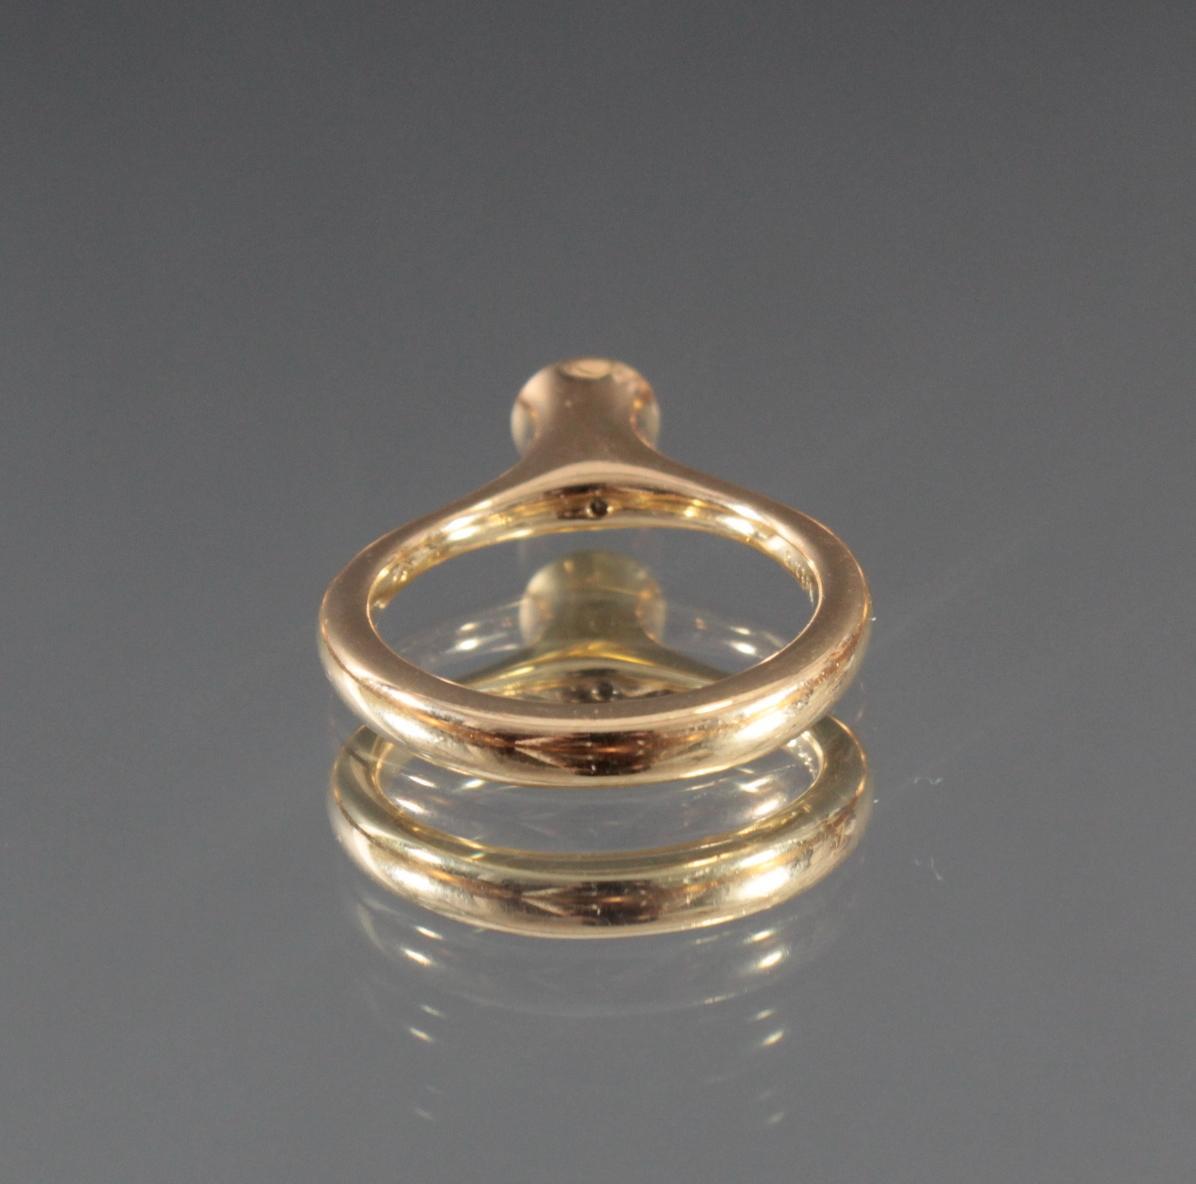 Damenring aus 18 Karat Gelbgold mit Diamant-4